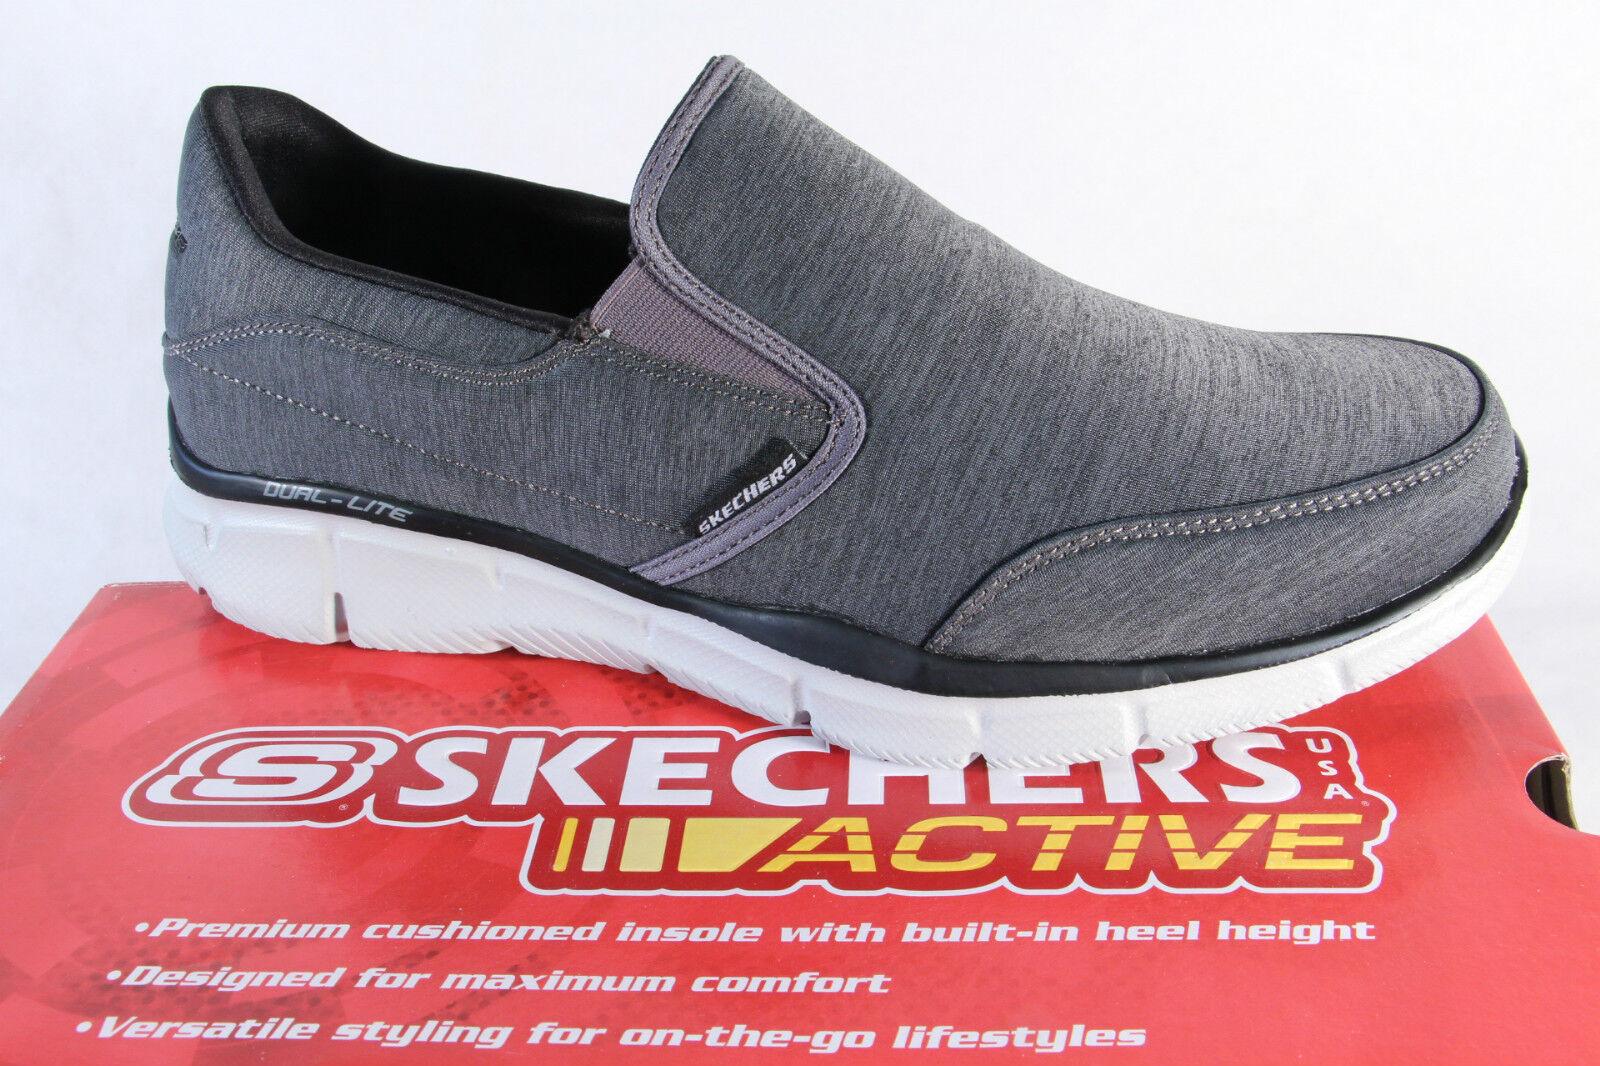 Skchers  Men's Slippers Trainers Low scarpe grigio 51504 Nuovo  shopping online di moda